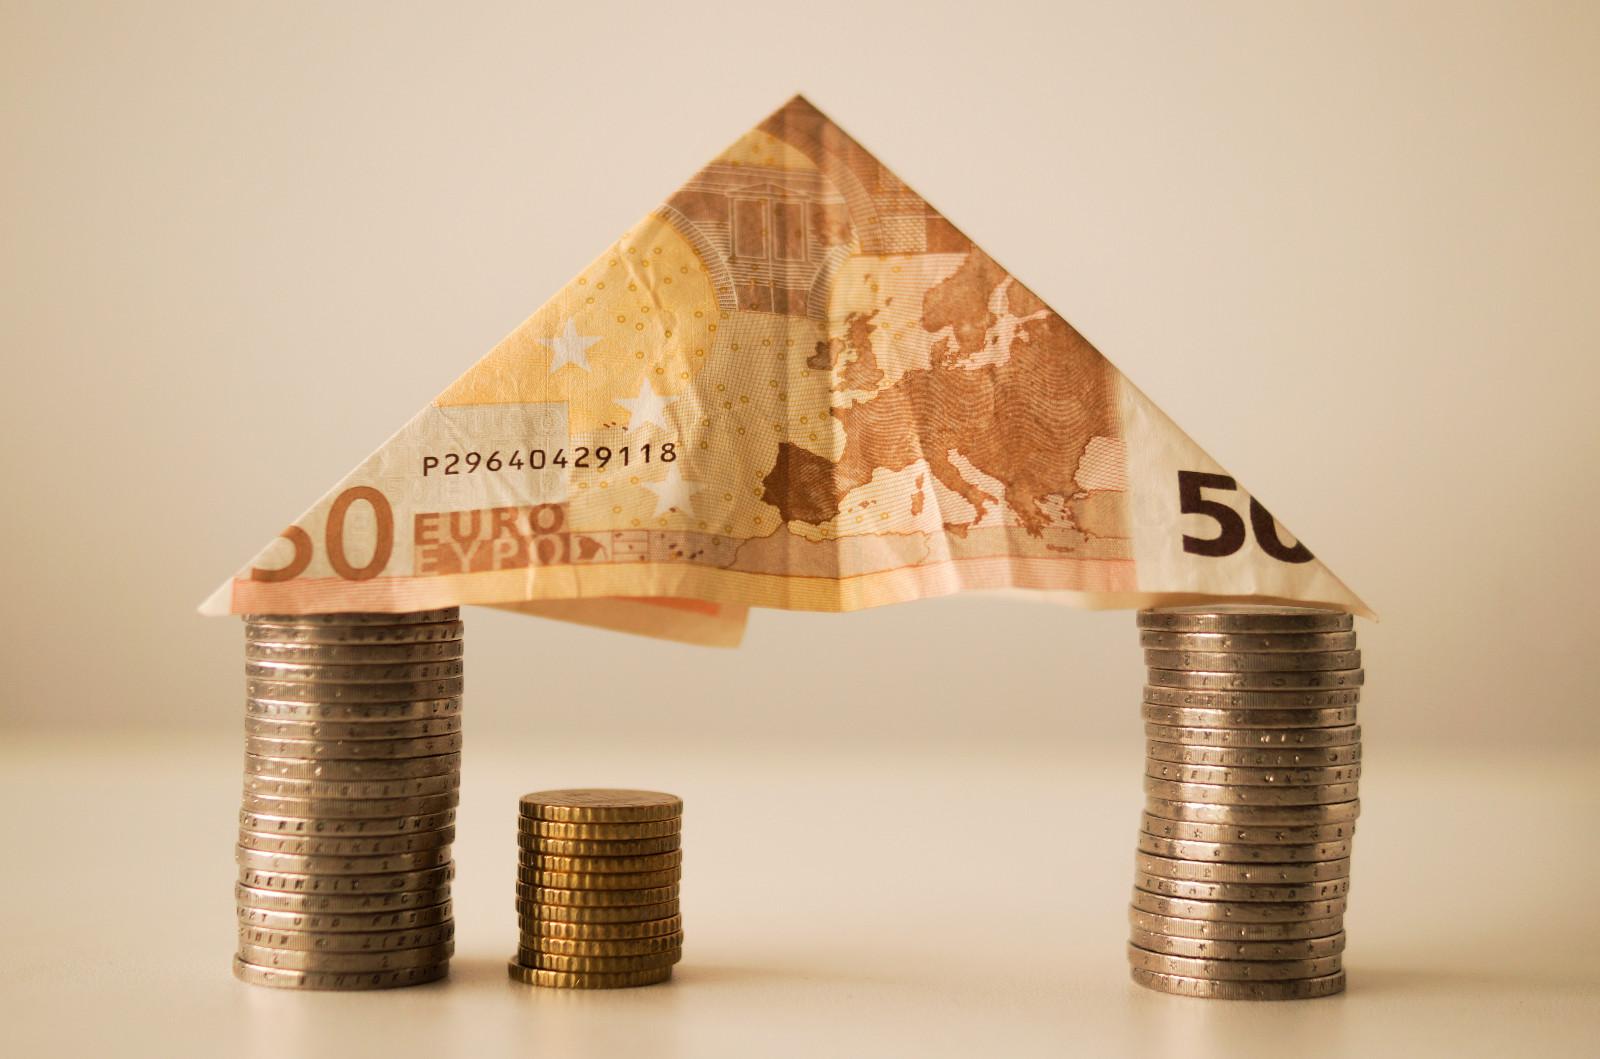 恒丰银行信用卡普卡金卡白金卡额度是多少?